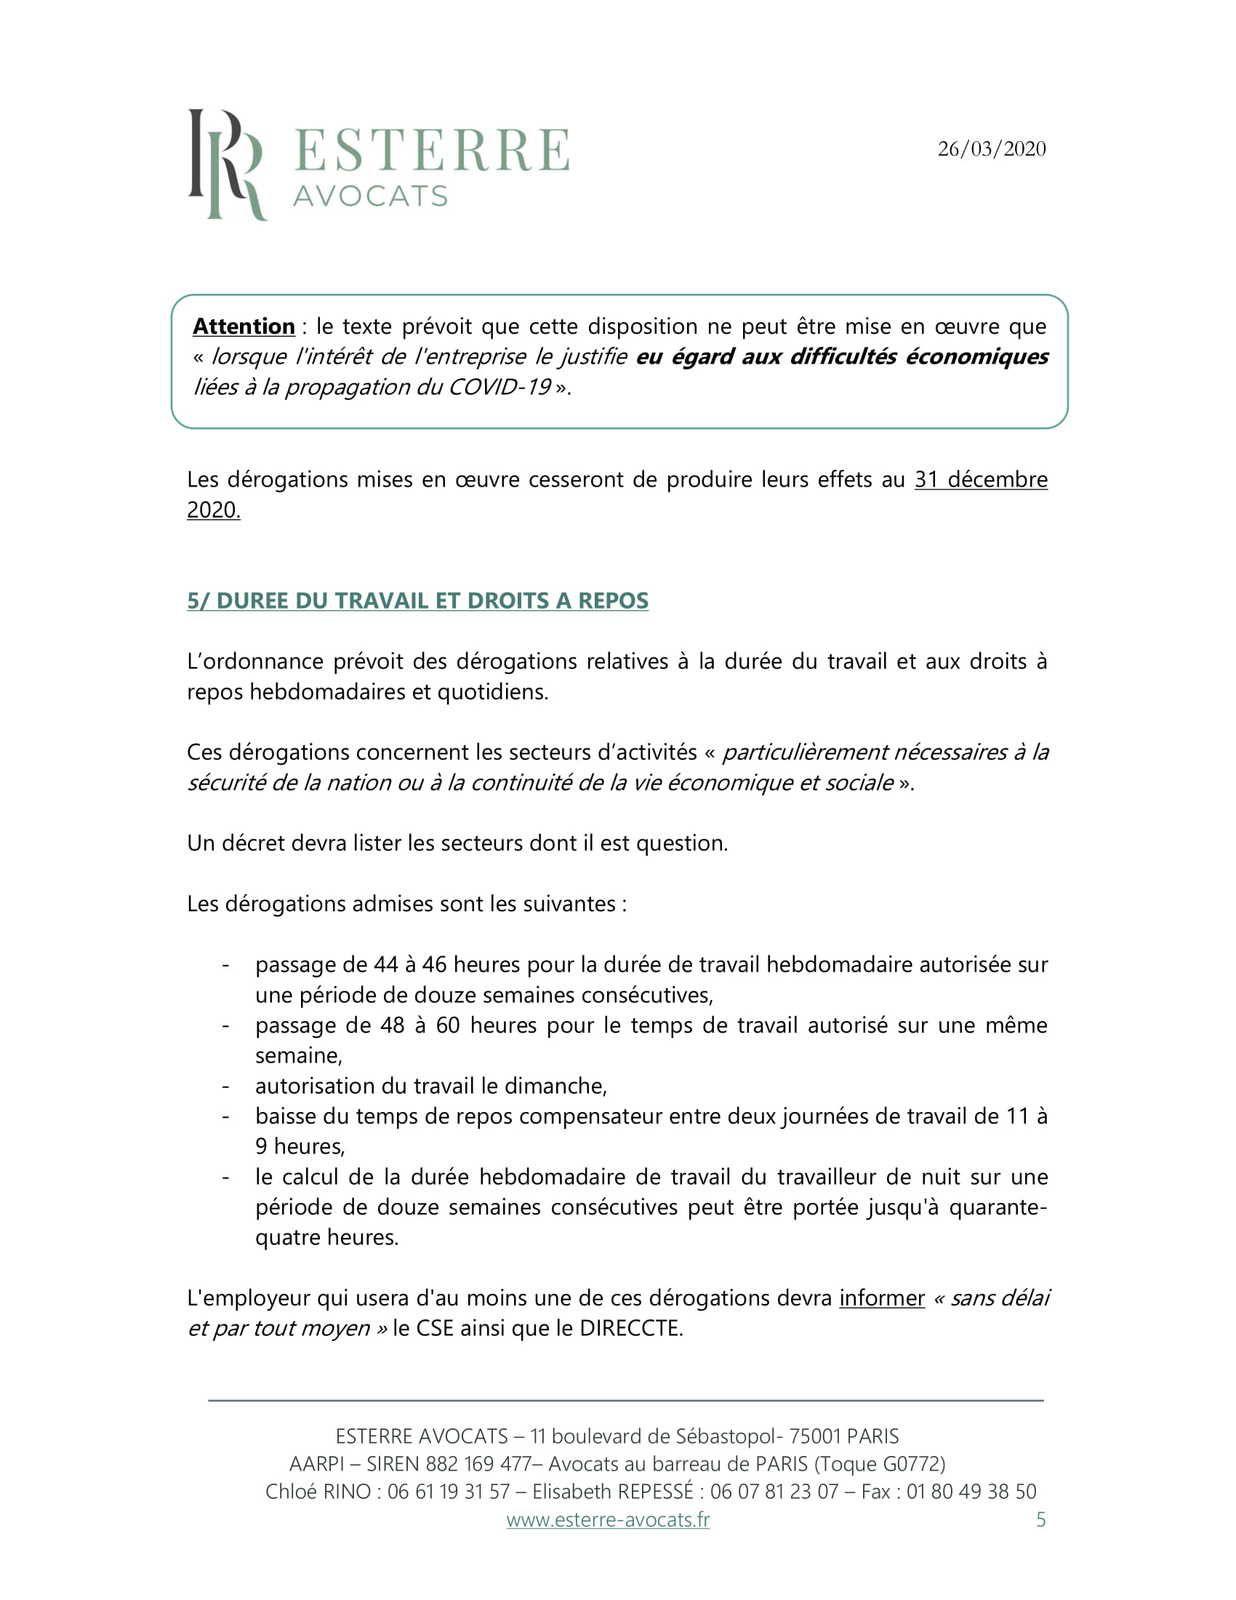 COVID 19 : La prise des congés payés pendant la période d'urgence sanitaire